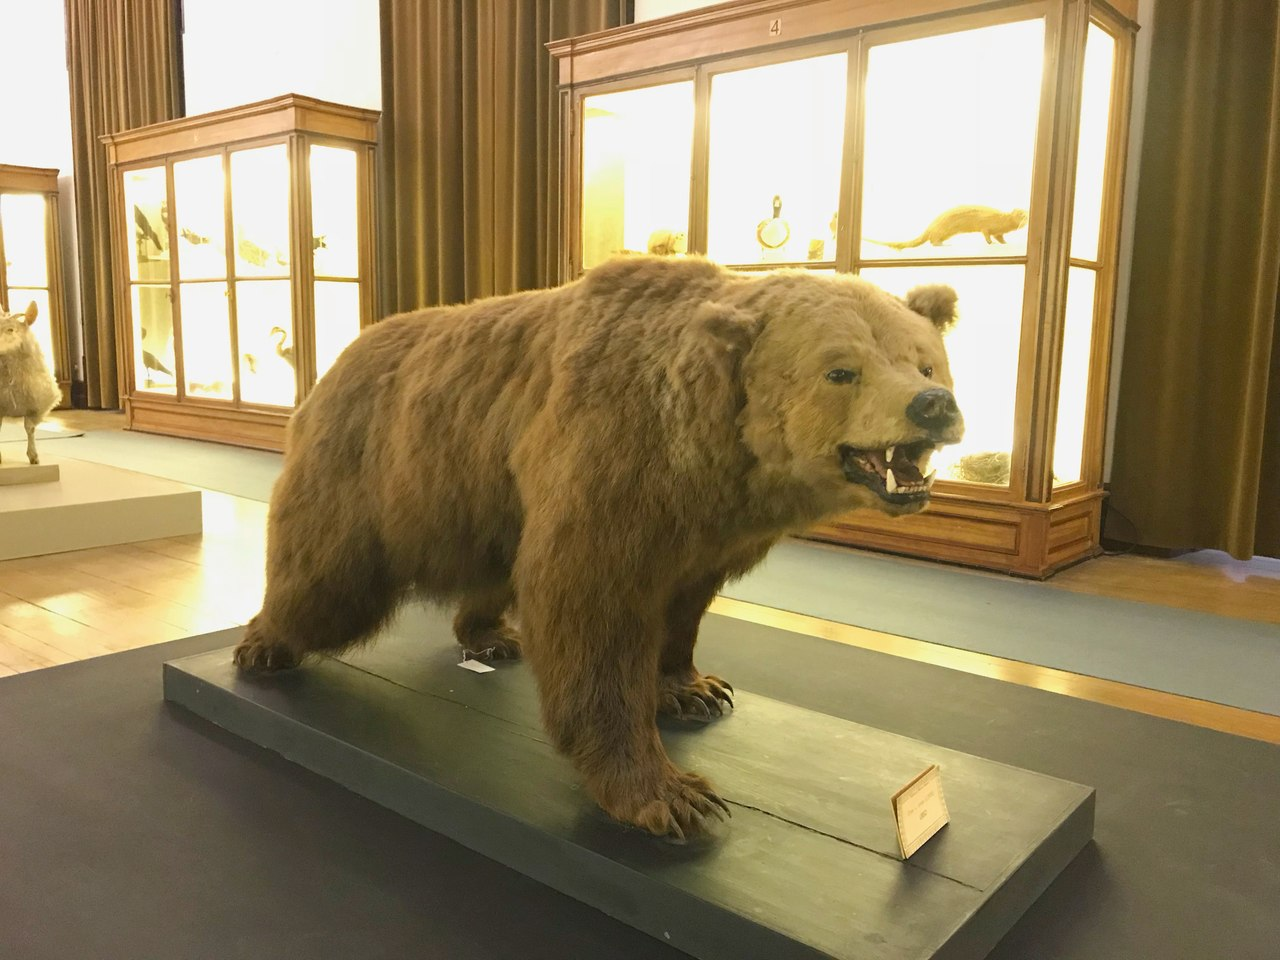 Urso embalsamado em exposição no Museu da Ciência da Universidade de Coimbra. Foto de Diogo Pereira